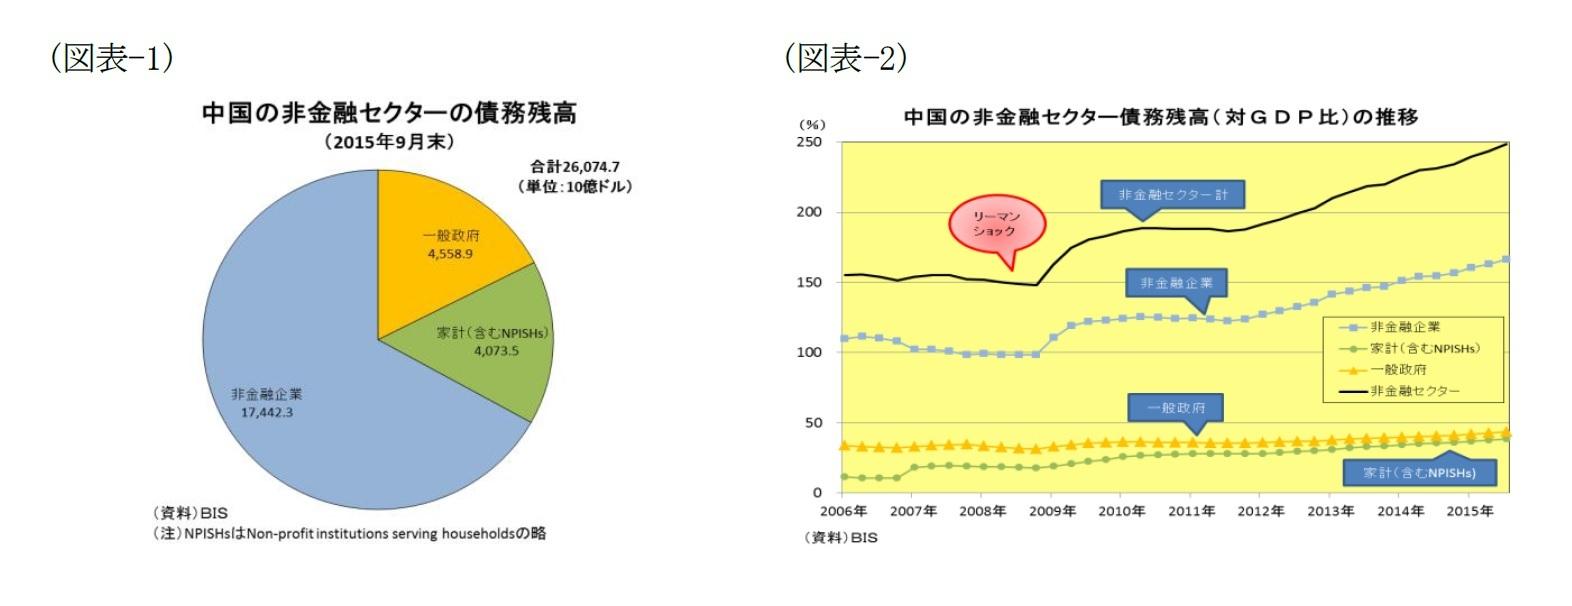 (図表-1)中国の非金融セクターの債務残高/(図表-2)中国の非金融セクター債務残高(対GDP比)の推移